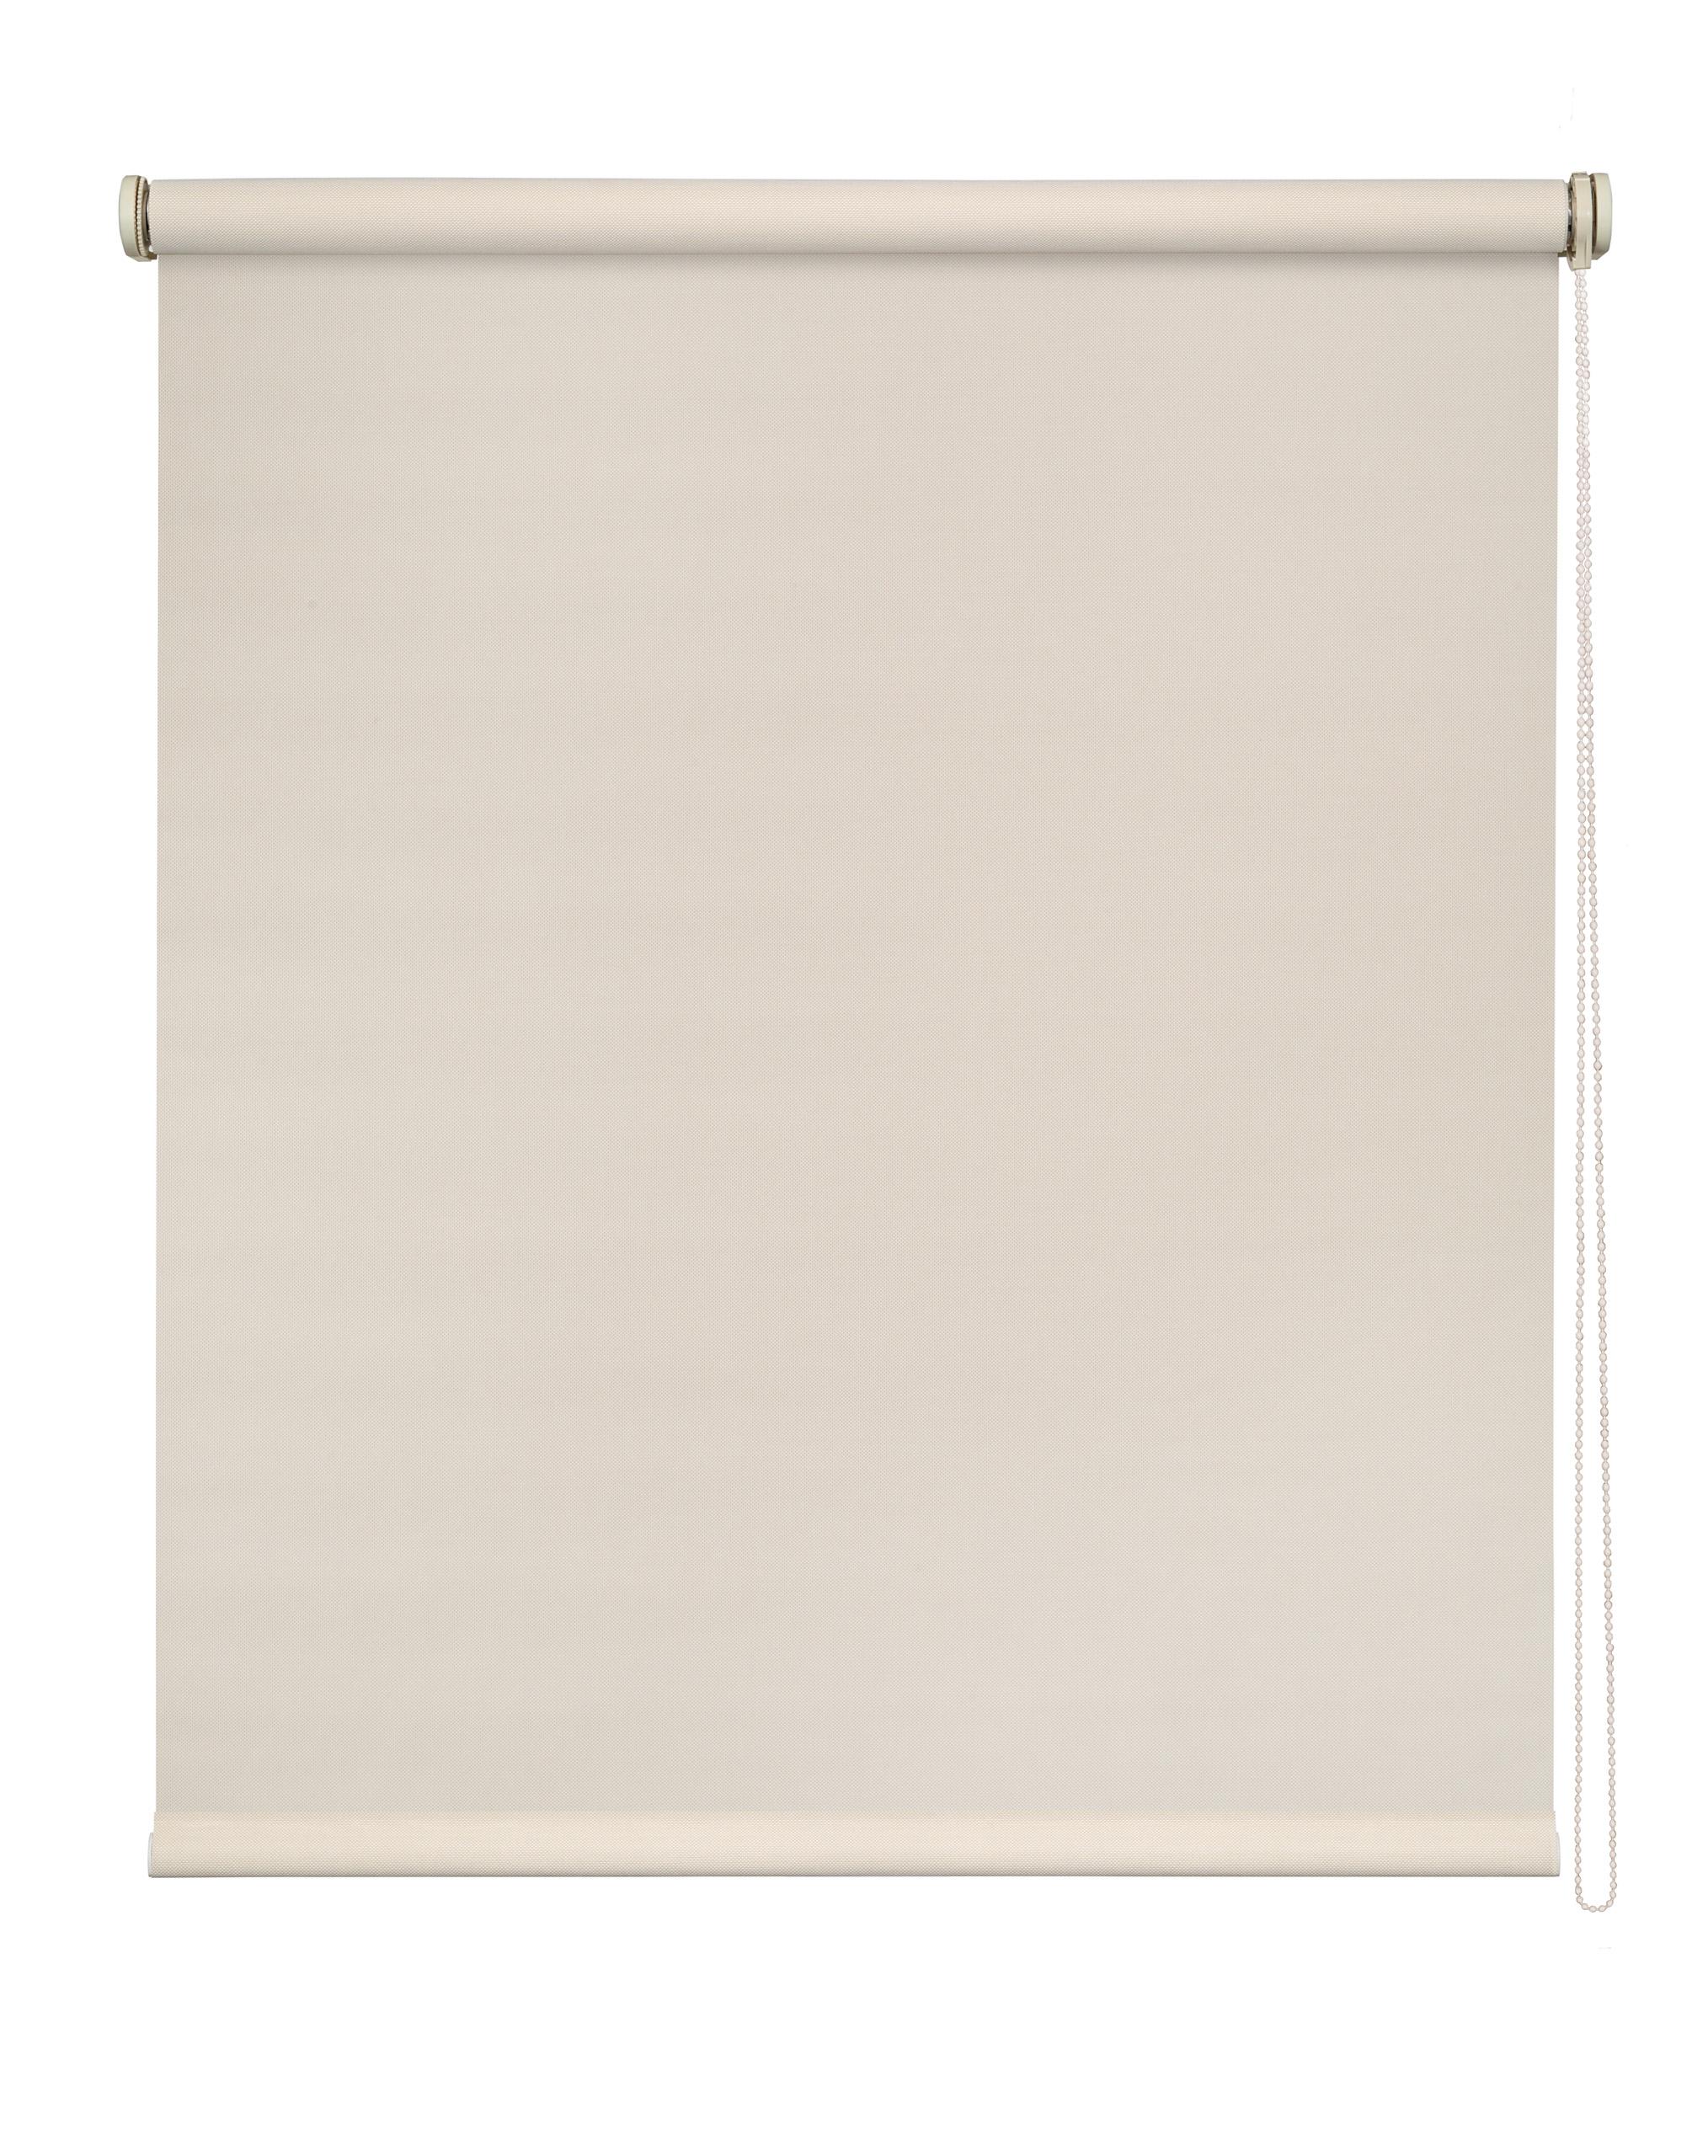 Store Enrouleur voile Screen - Gris - 165 x 250 cm